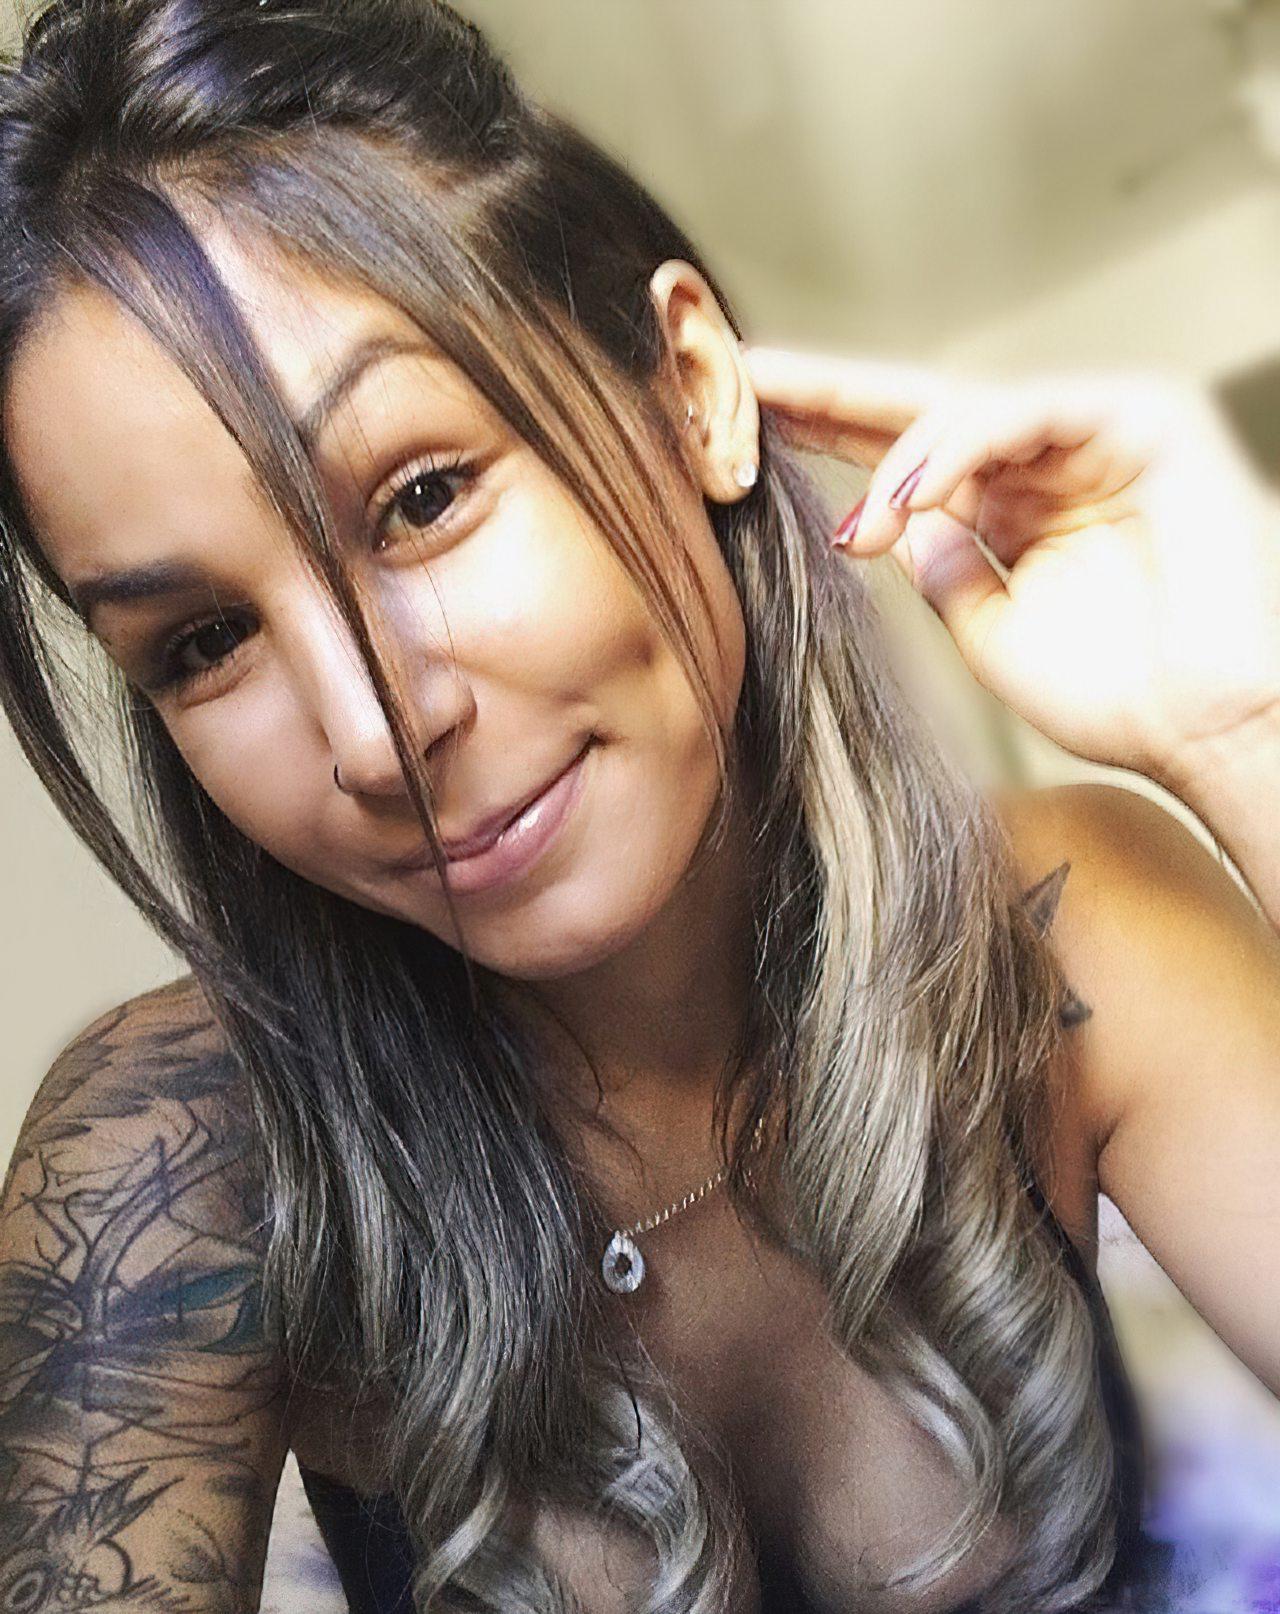 Travesti Bruna Linda Nua (1)